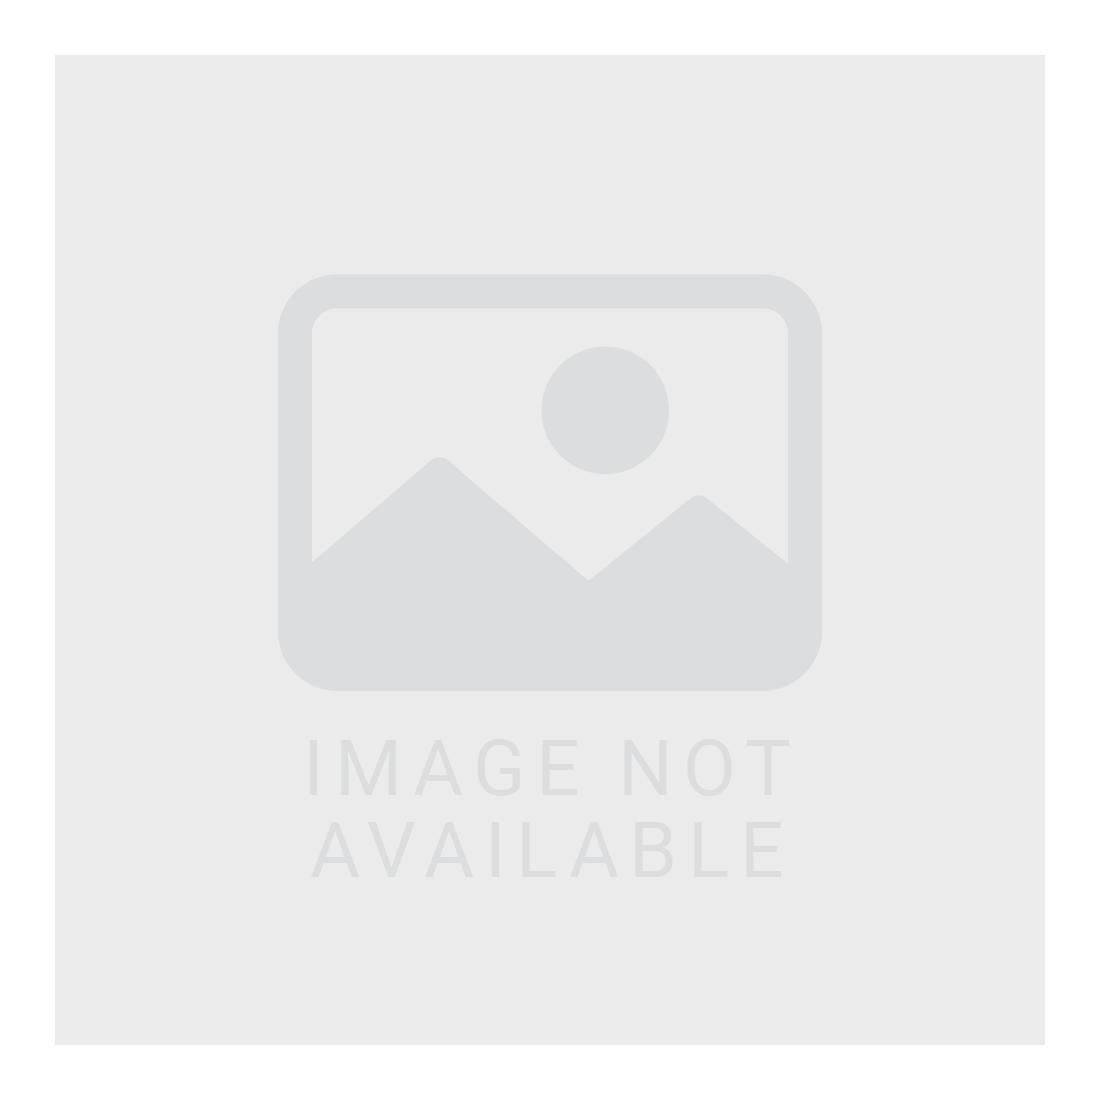 15 oz Two-Tone Mug